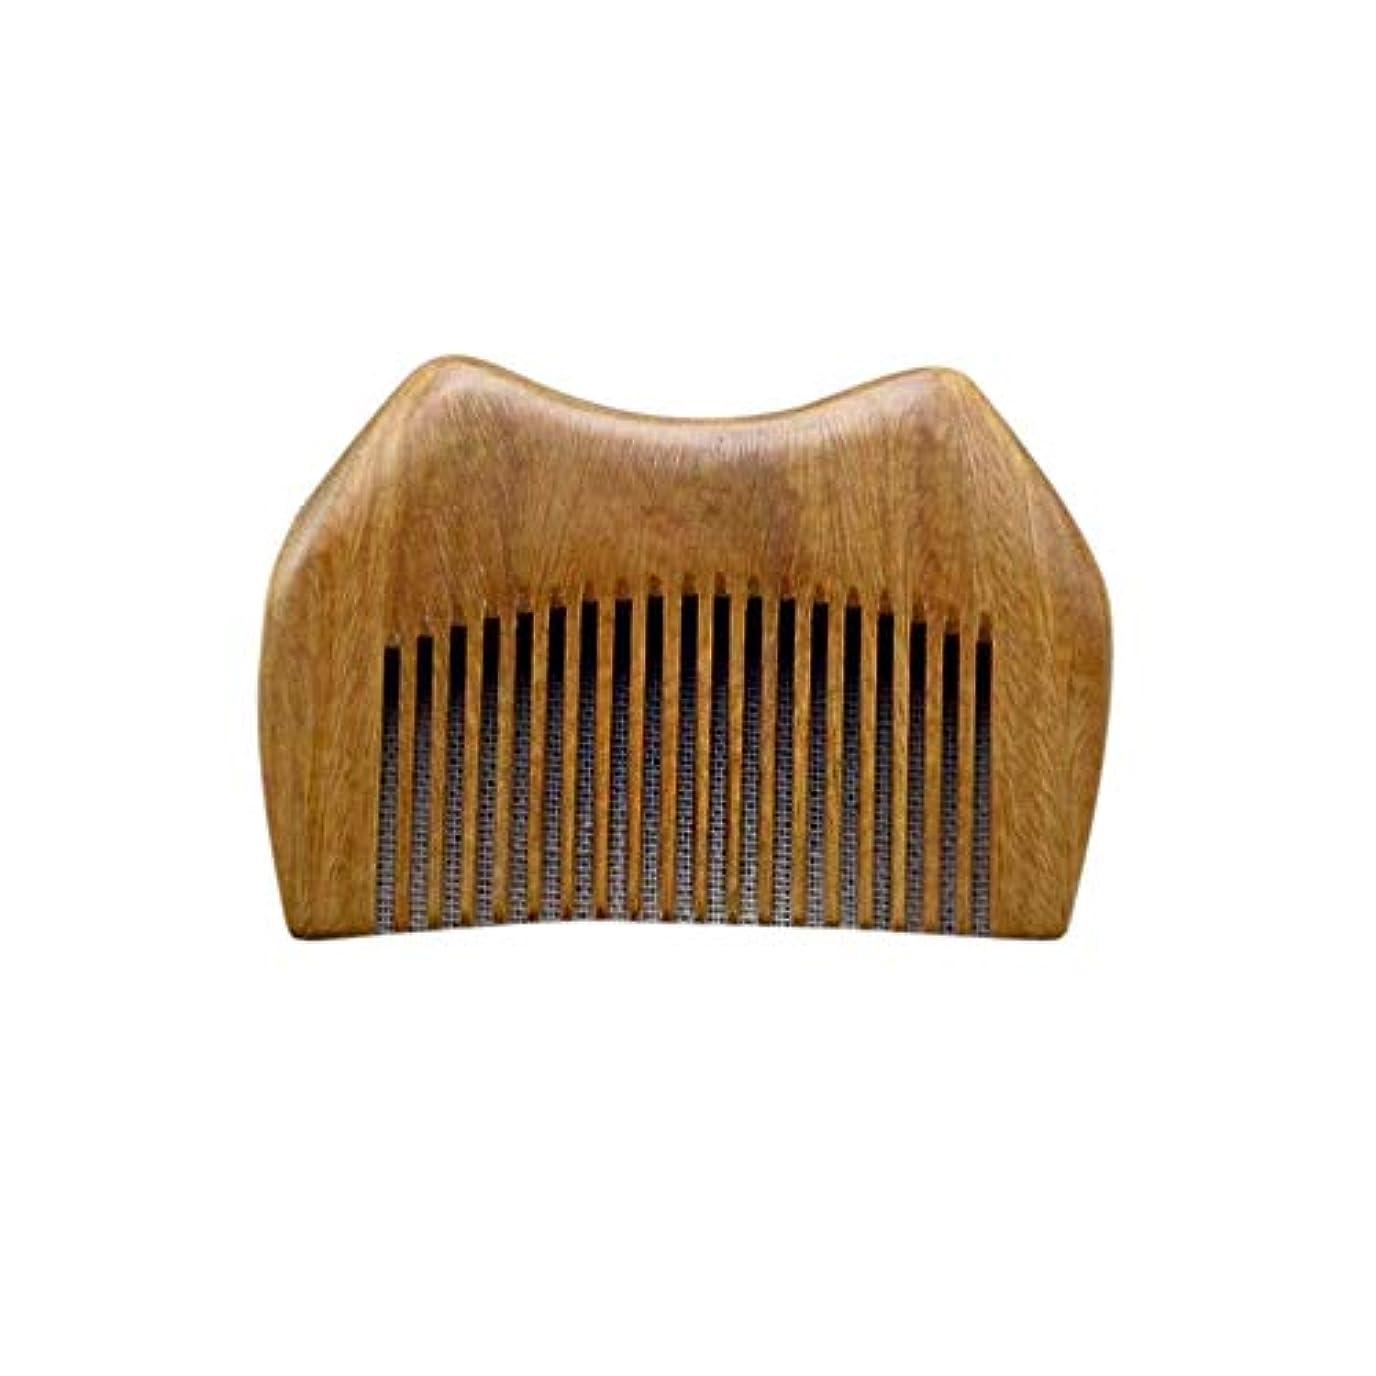 建設ローズ可愛いWASAIO 静的グリーンサンダルウッド櫛手作り木製櫛櫛男性女性ウェットドライカーリーストレートヘアブラシブラシ手作り木製抗静的 (色 : Photo color)